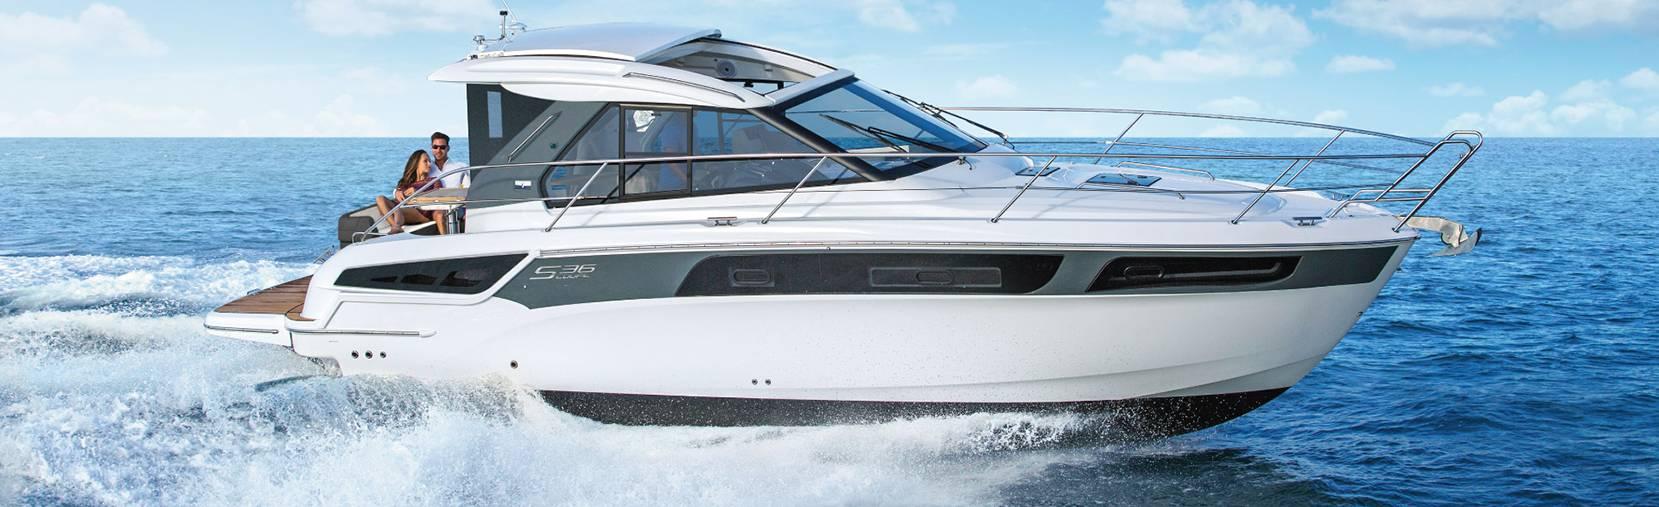 Bavaria S36 boat